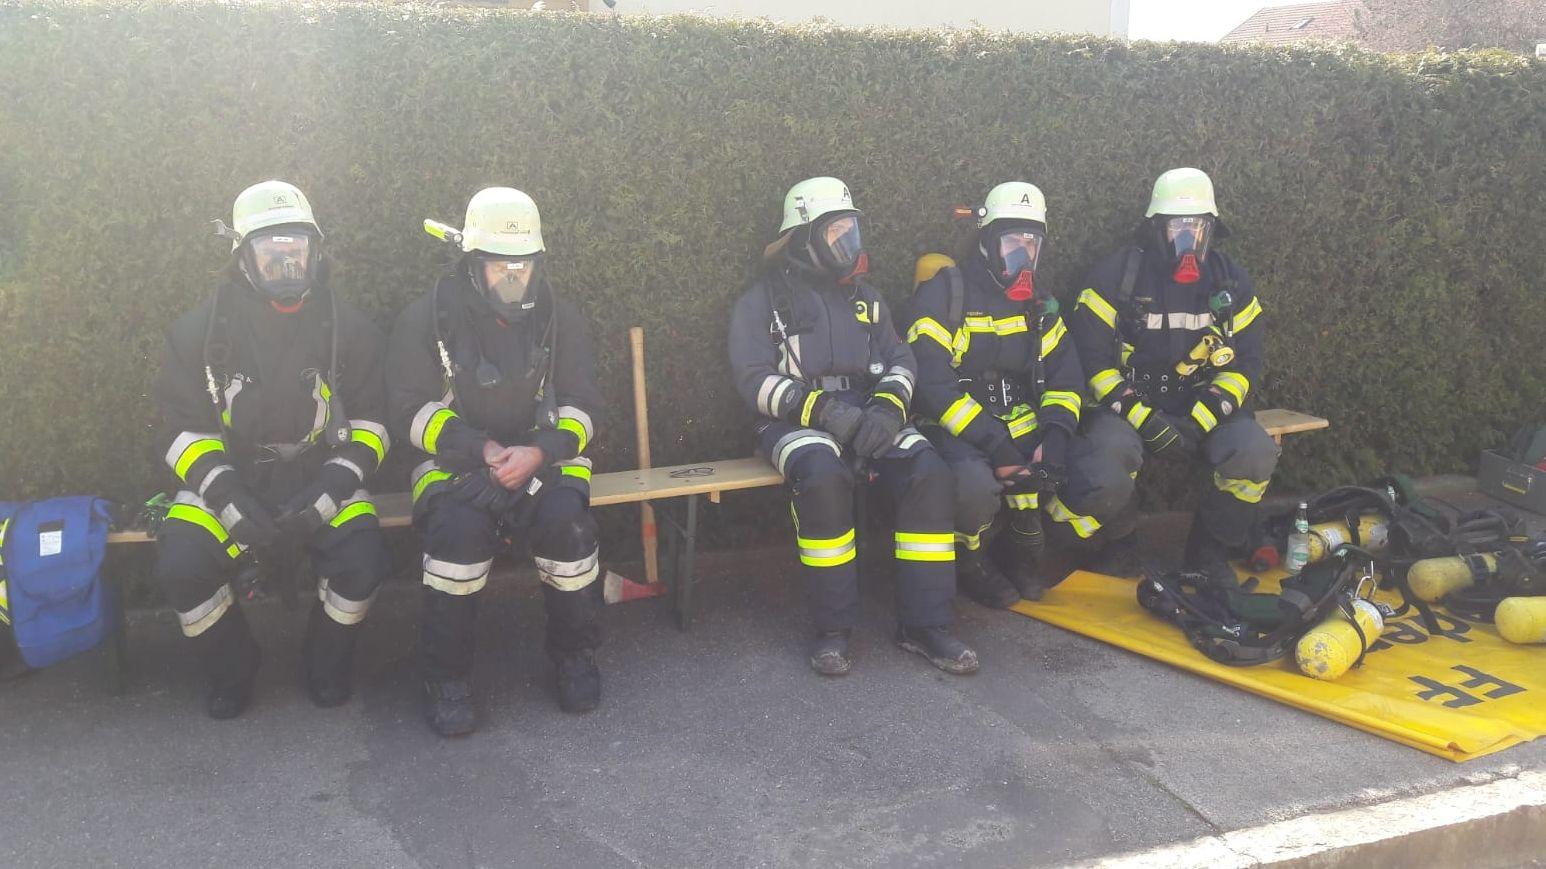 Feuerwehrmänner sitzen nach dem Großeinsatz in Bodenkirchen auf einer Bank